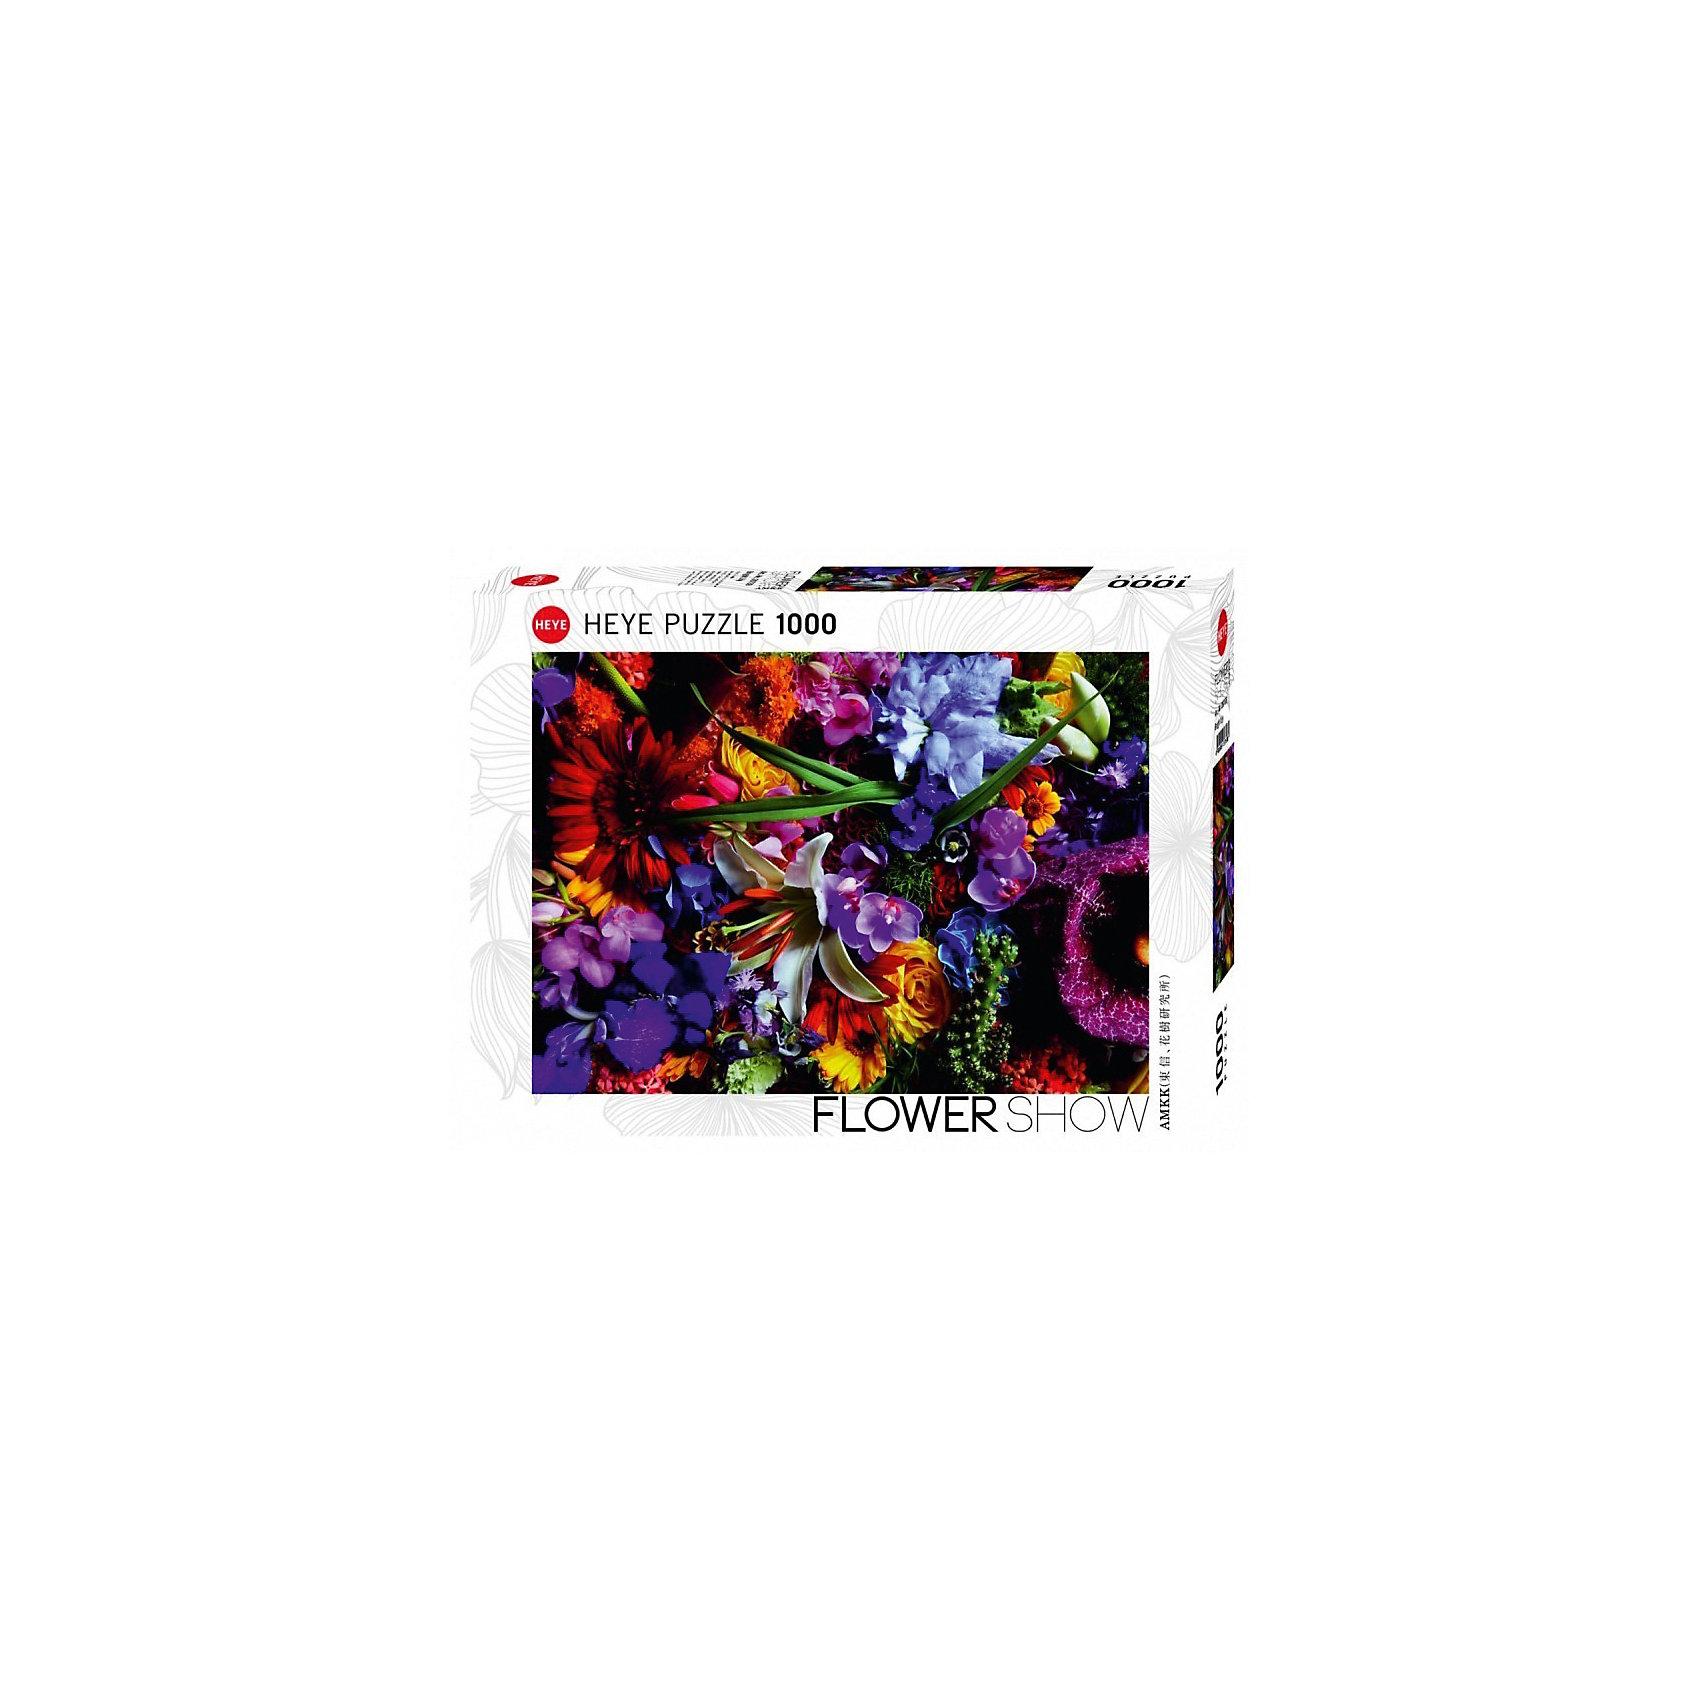 Пазл Букет с лилиями, 1000 деталей, HEYEКлассические пазлы<br>Пазл Букет с лилиями, 1000 деталей, HEYE (ХЕЙЕ) - прекрасное антистрессовое средство для взрослых и замечательная развивающая игра для детей.<br>Авторский пазл японский флориста, дизайнера и художника Макото Азума Букет с лилиями без сомнения, придется вам по душе и подарит несколько вечеров творчества. Собрав пазл из 1000 элементов, вы получите замечательную картину с изображением удивительного цветочного ковра сотканного из великолепных цветов и листьев. Красочный пазл состоит из глянцевых, приятных на ощупь деталей с идеальной проклейкой. Точная нарезка гарантирует легкость стыковки и многократность сборки без потери внешнего вида. Для изготовления своих пазлов компания HEYE (ХЕЙЕ) использует высококачественный плотный картон. Сборка пазлов способствует развитию образного и логического мышления, наблюдательности, мелкой моторики и координации движений руки.<br><br>Дополнительная информация:<br><br>- Количество деталей: 1000<br>- Размер собранной картинки: 50х70 см.<br>- Материал: картон<br>- Размер упаковки: 37,2x27,1x5,6 см.<br>- Вес: 818 гр.<br><br>Пазл Букет с лилиями, 1000 деталей, HEYE (ХЕЙЕ) можно купить в нашем интернет-магазине.<br><br>Ширина мм: 371<br>Глубина мм: 271<br>Высота мм: 55<br>Вес г: 840<br>Возраст от месяцев: 216<br>Возраст до месяцев: 1188<br>Пол: Унисекс<br>Возраст: Детский<br>SKU: 4732066